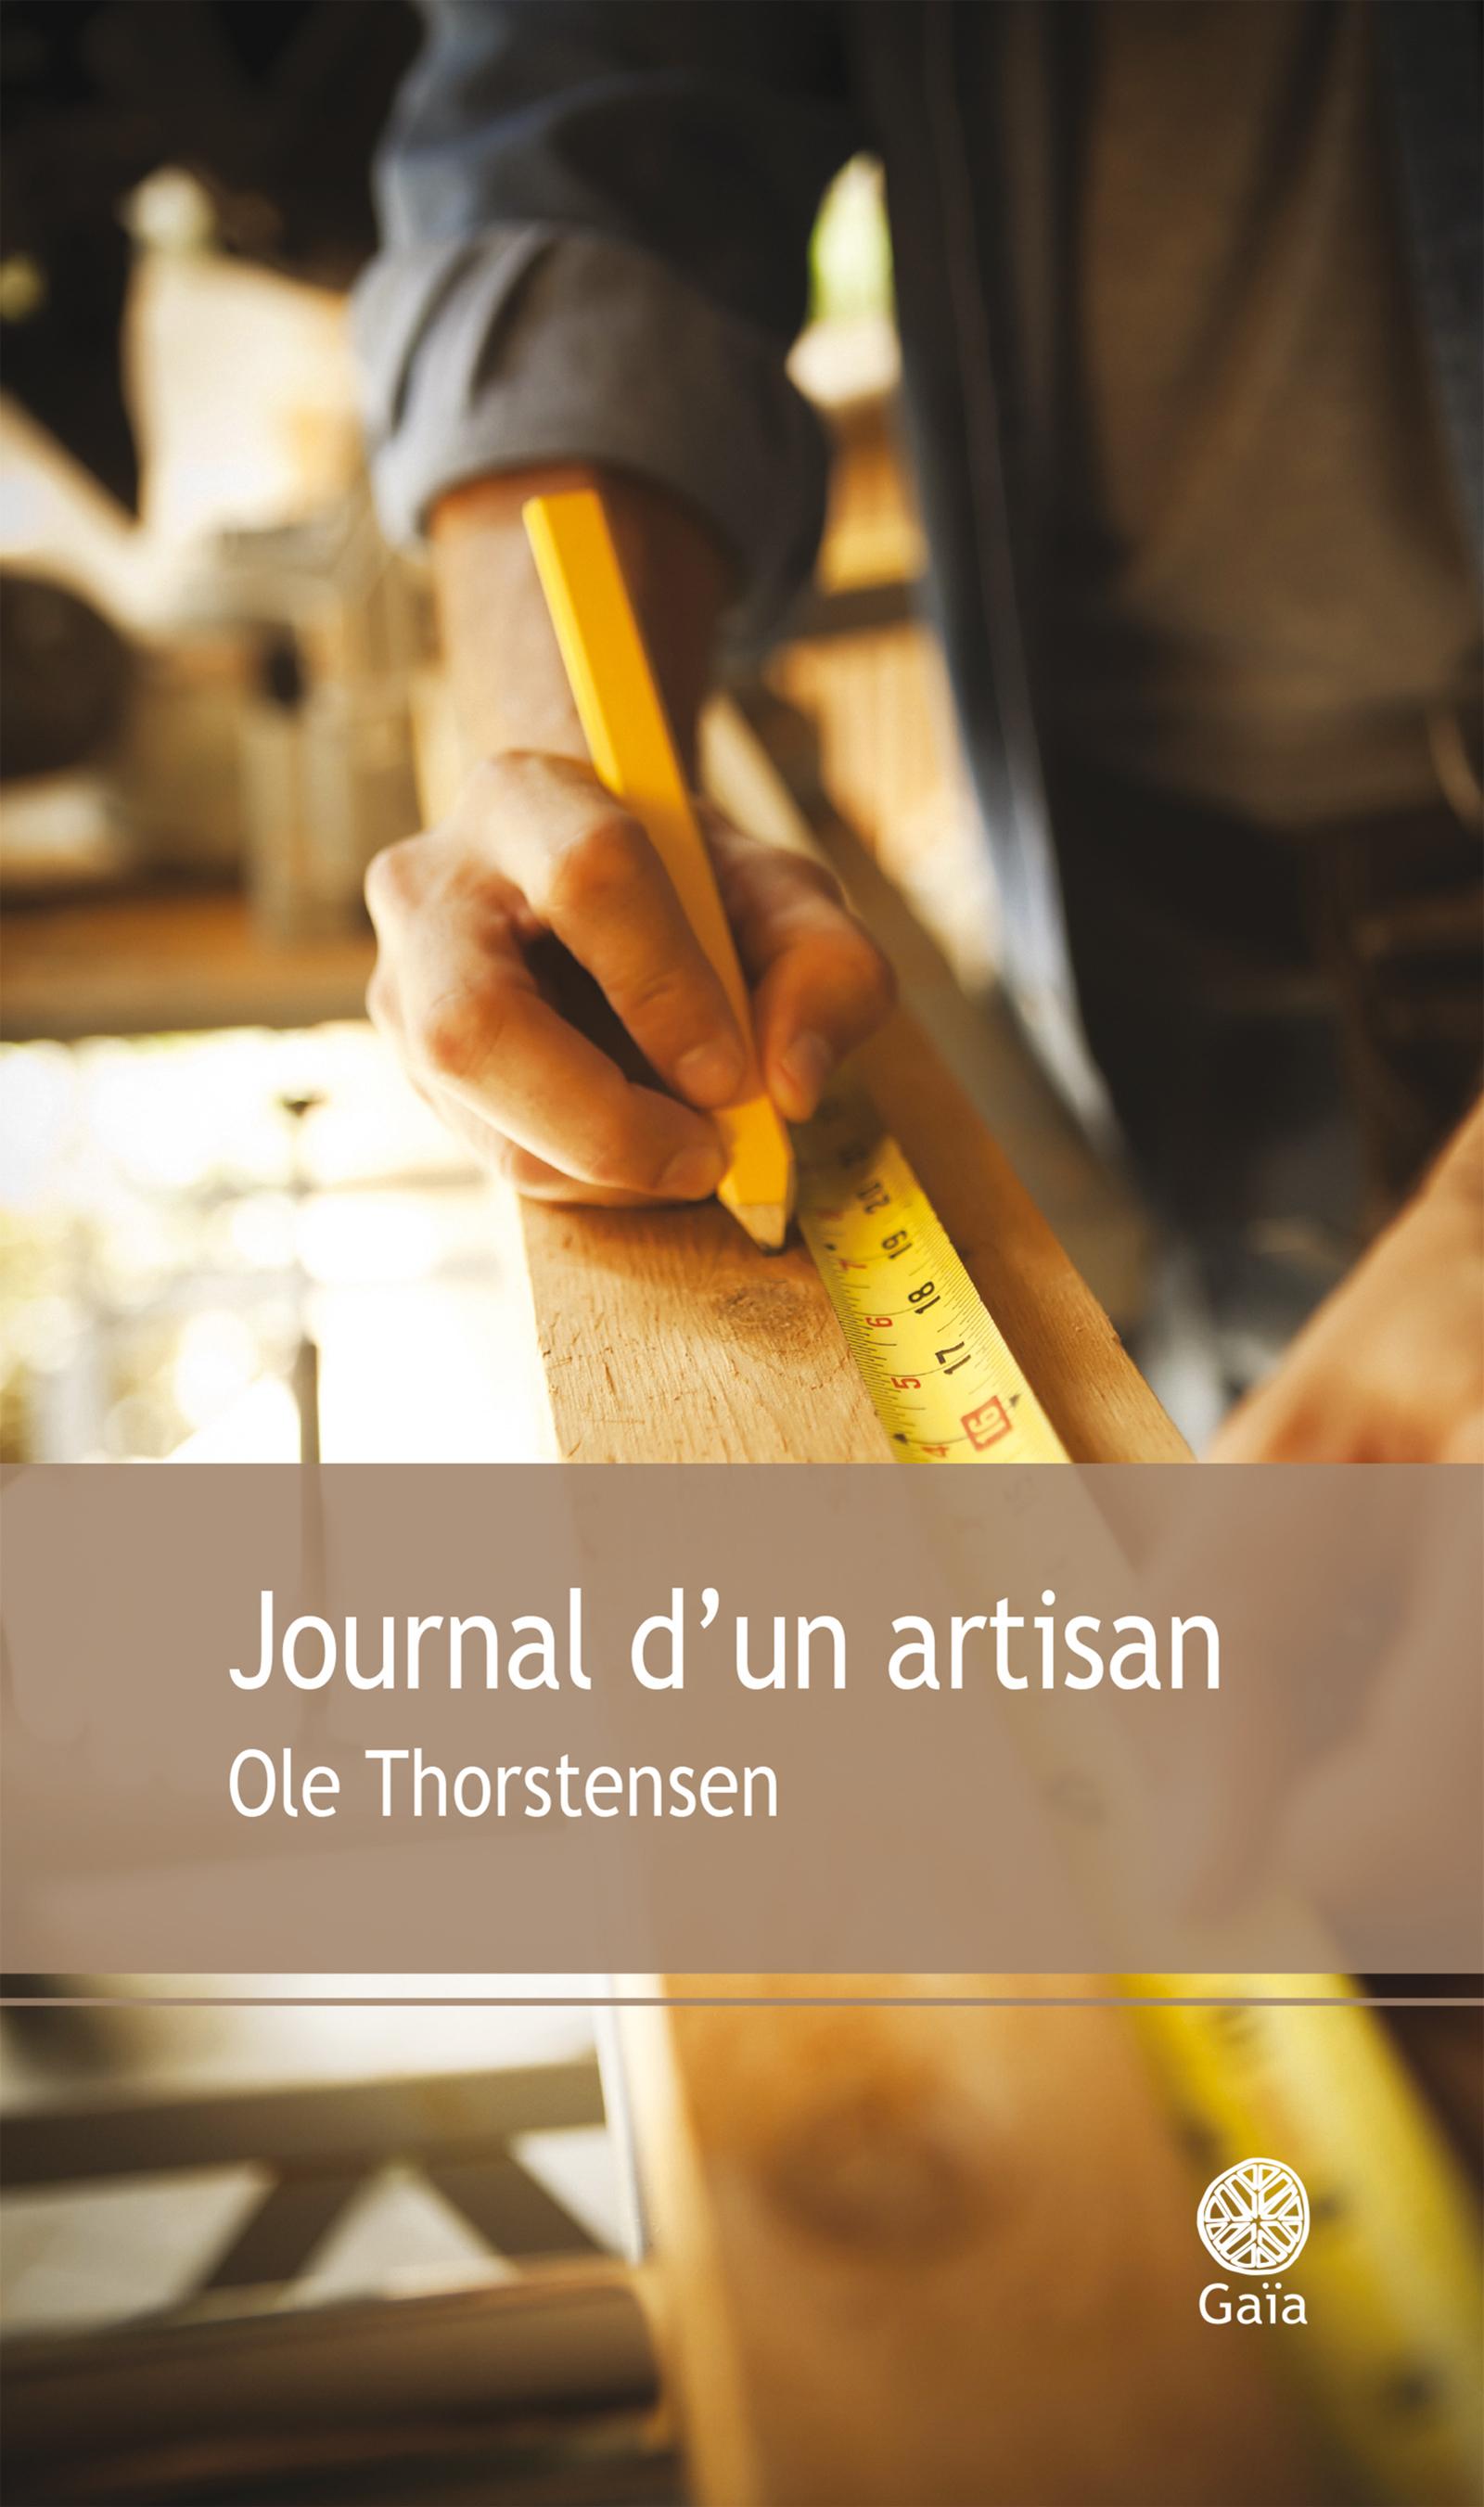 Journal d'un artisan |